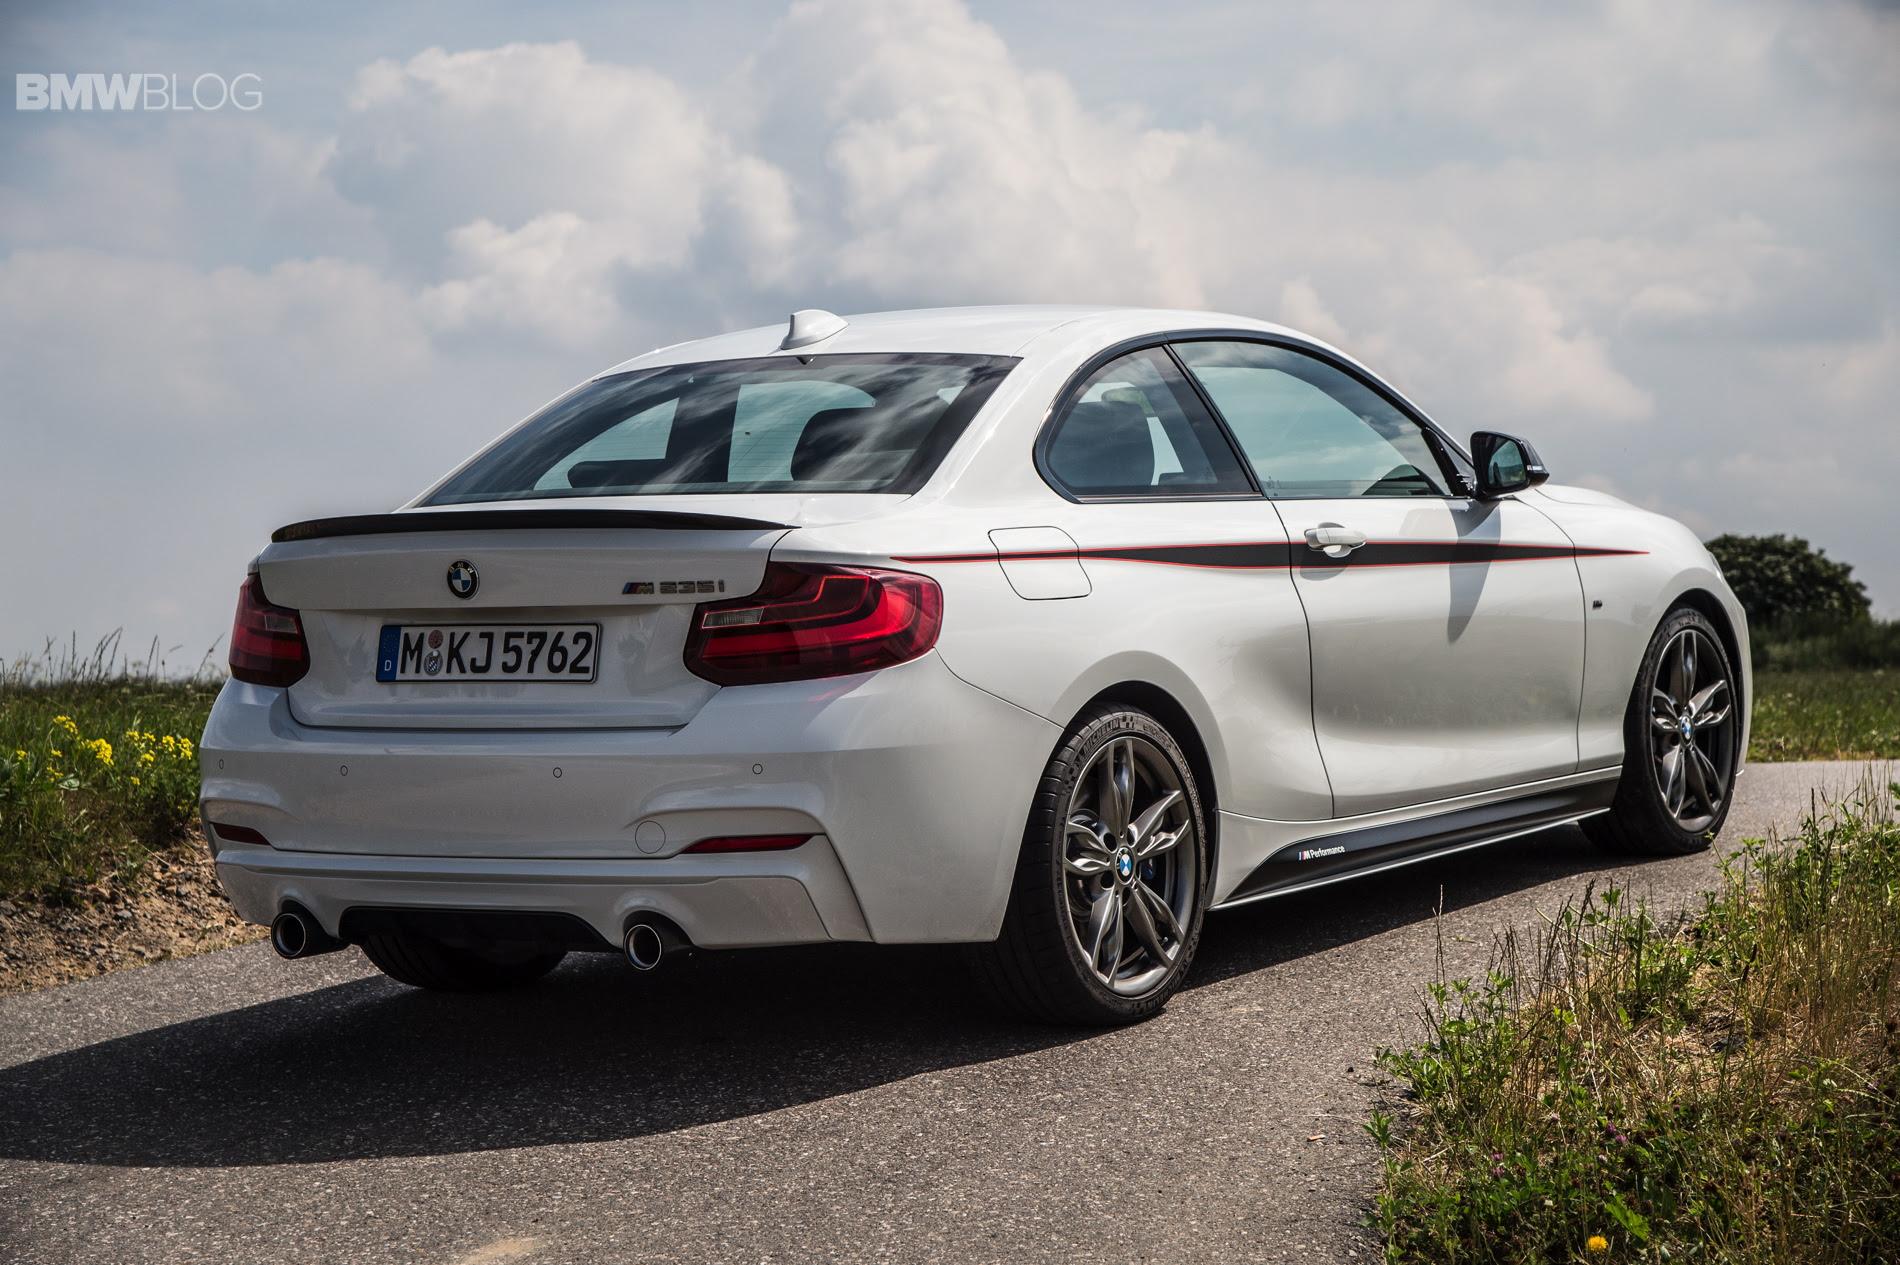 BMW M235I M PERFORMANCE PARTS UK  Wroc?awski Informator Internetowy  Wroc?aw, Wroclaw, hotele